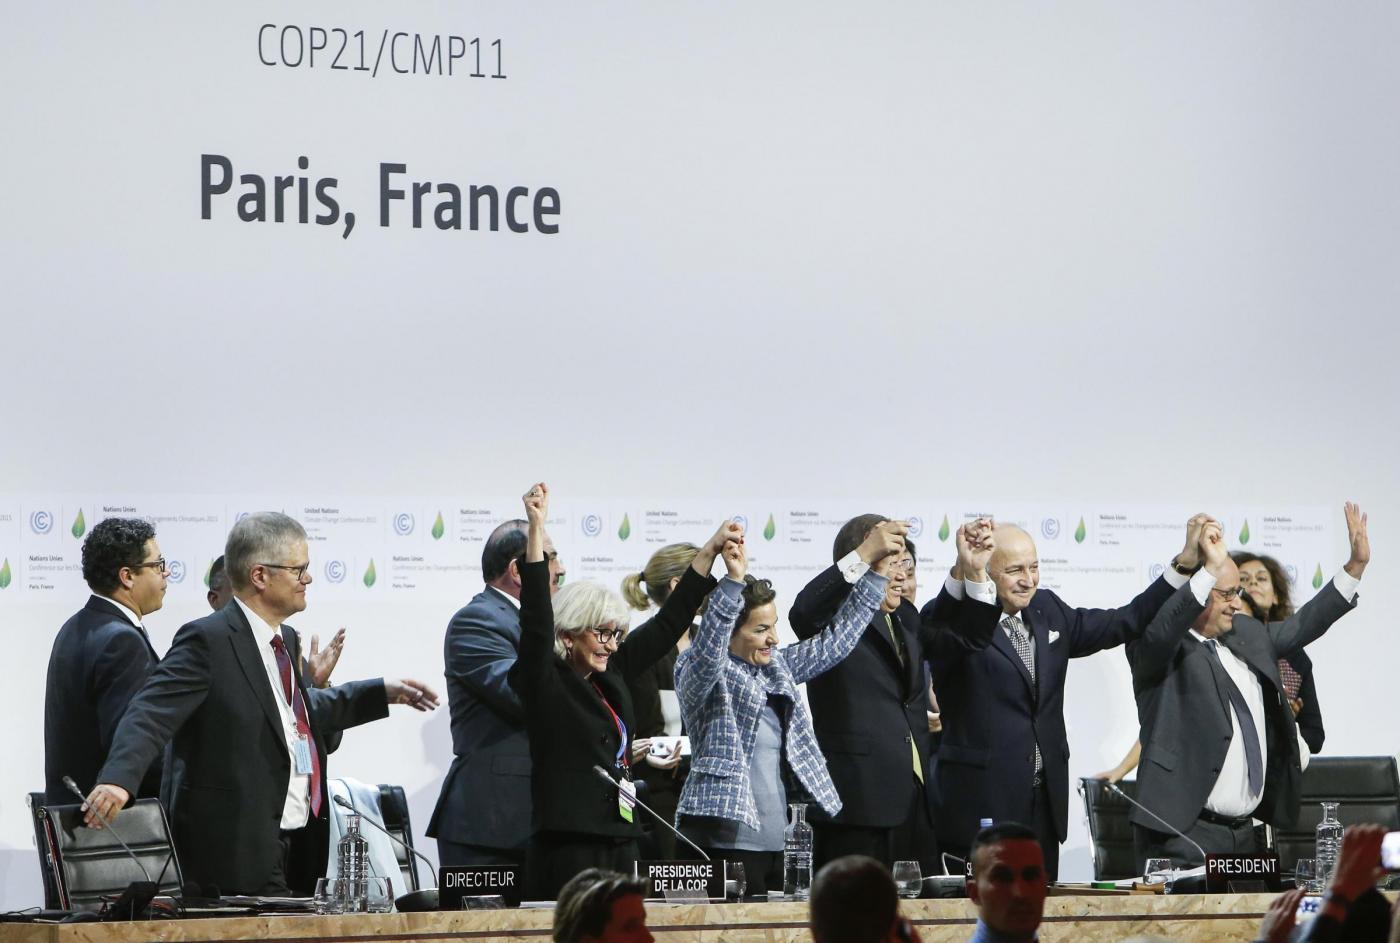 Conferenza mondiale sul clima a Le Bourget